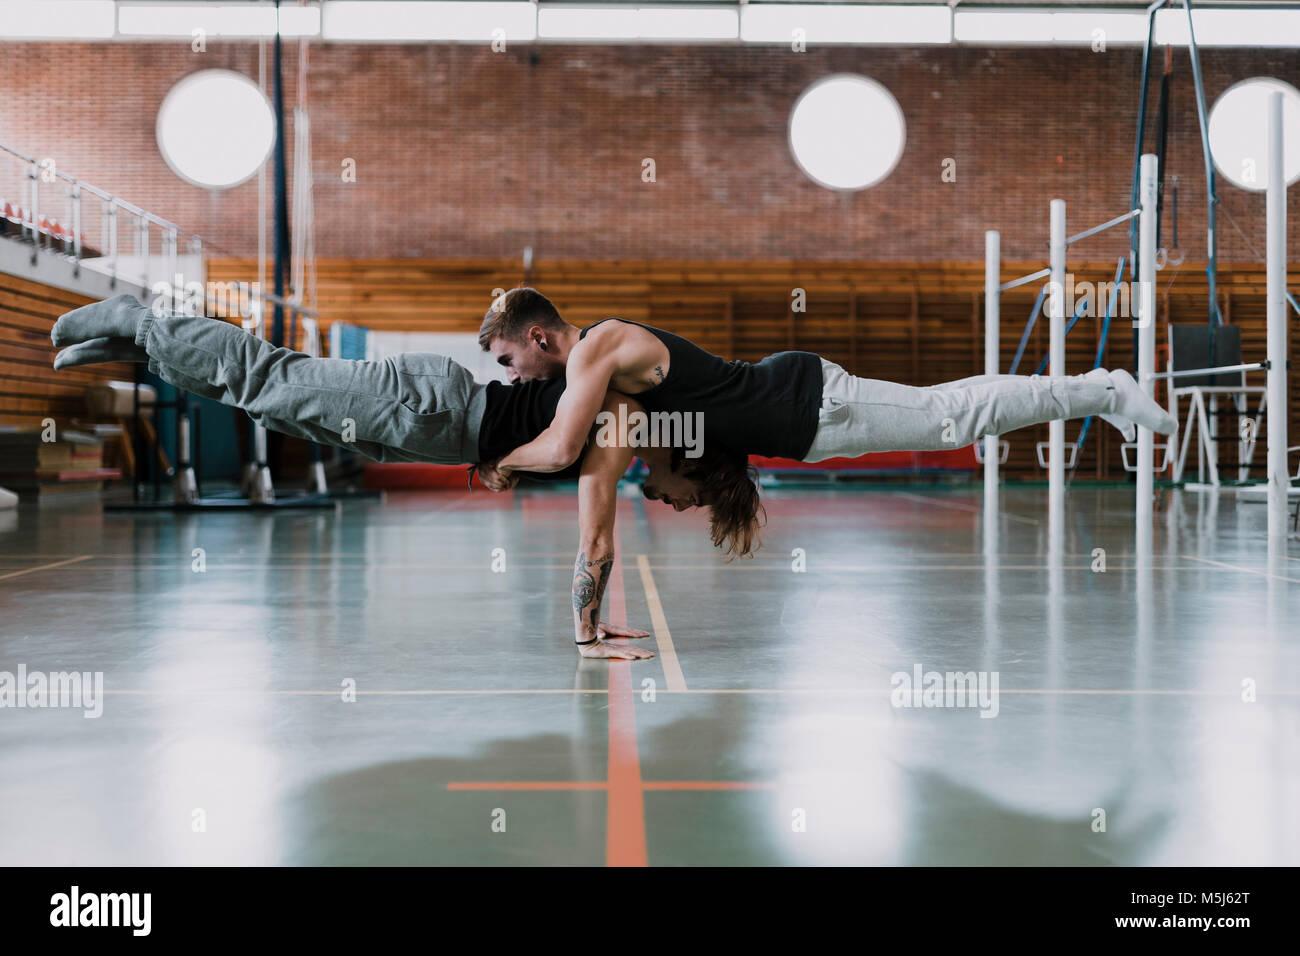 Deux hommes faisant l'acrobatie in gym Photo Stock